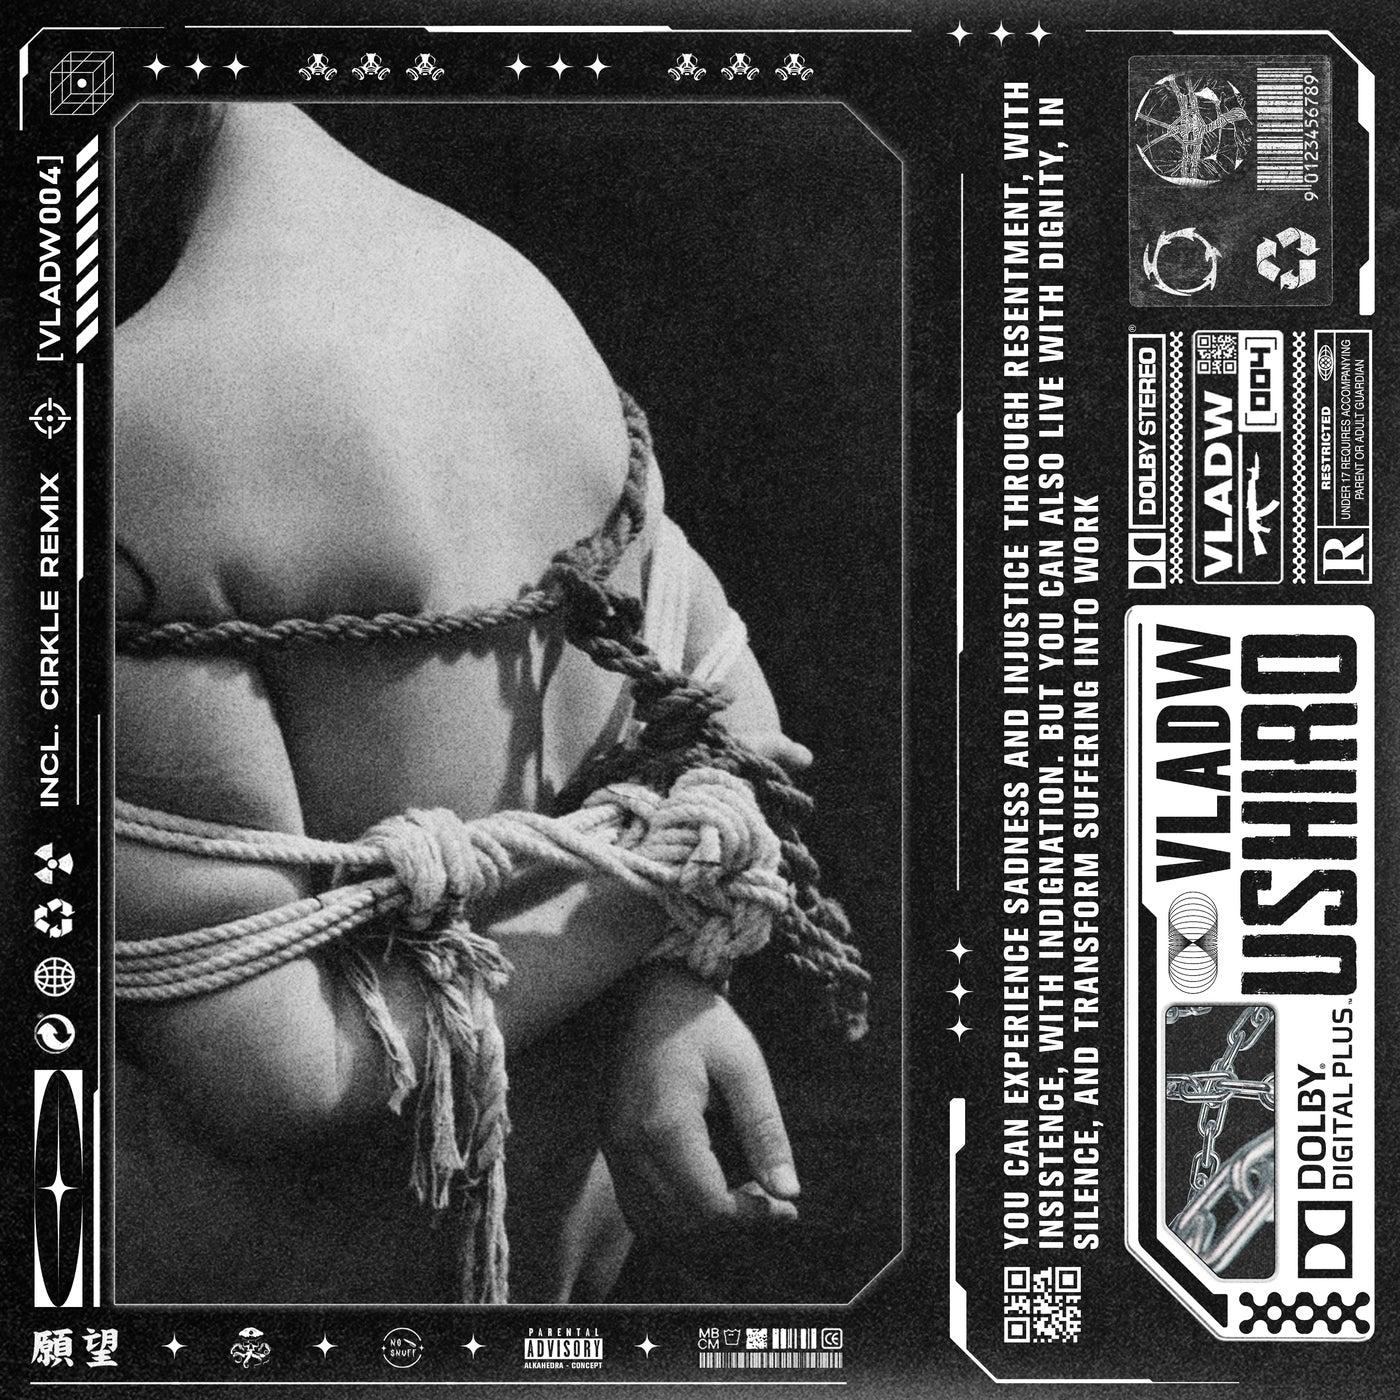 Ushiro (Original Mix)